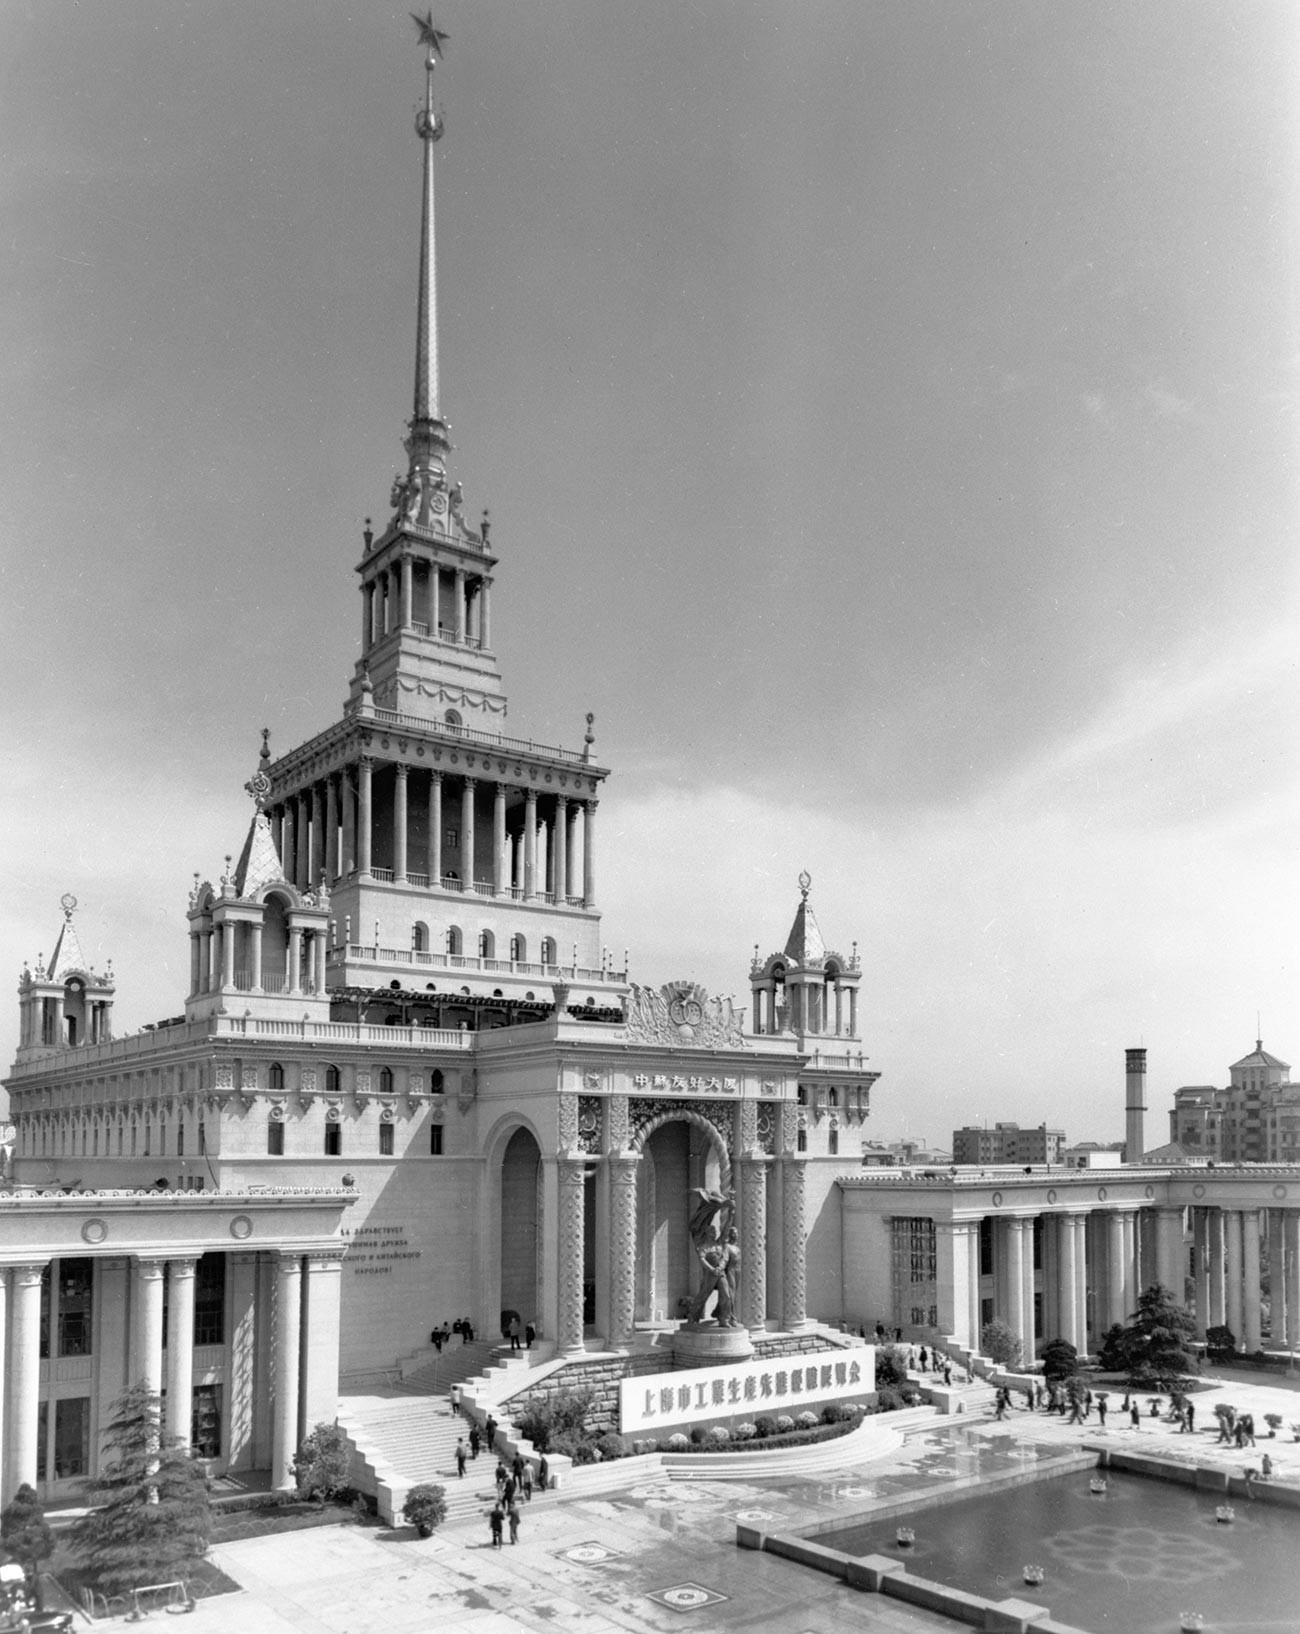 Šangaj, 2. lipnja 1956, Dom sovjetsko-kineskog prijateljstva.